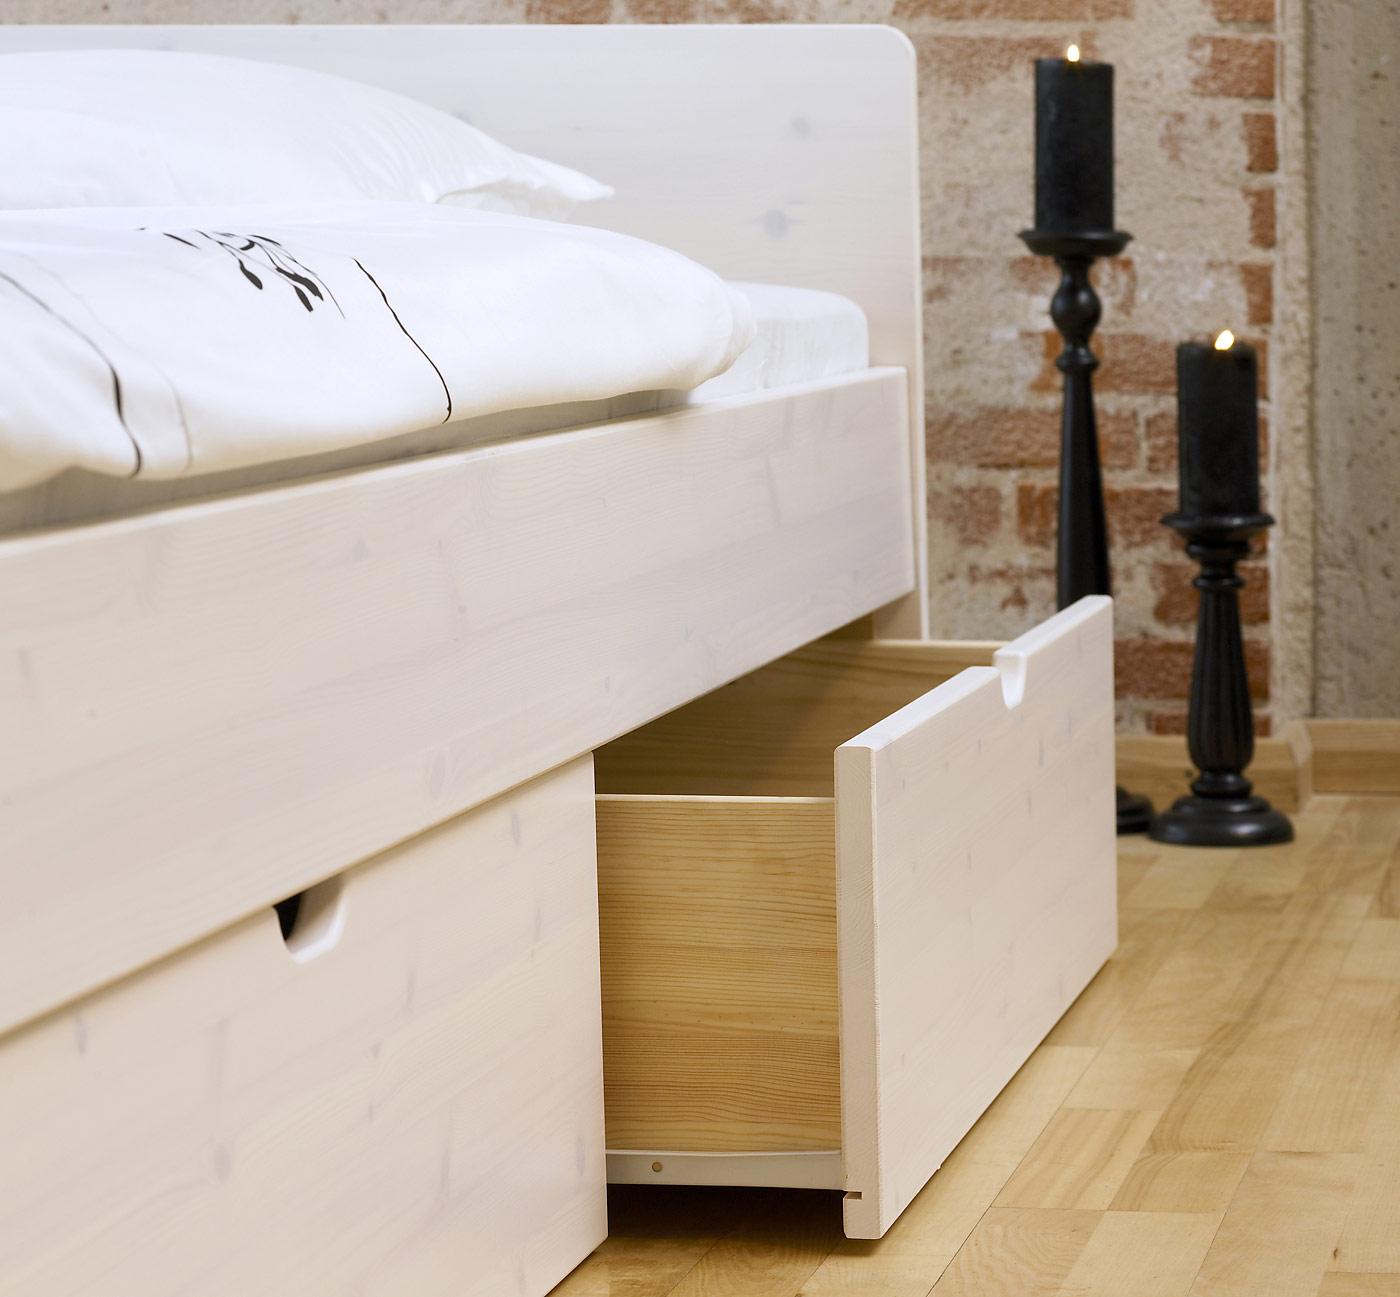 Schubkasten-Doppelbett aus Buche oder Kiefer - Bett Norwegen